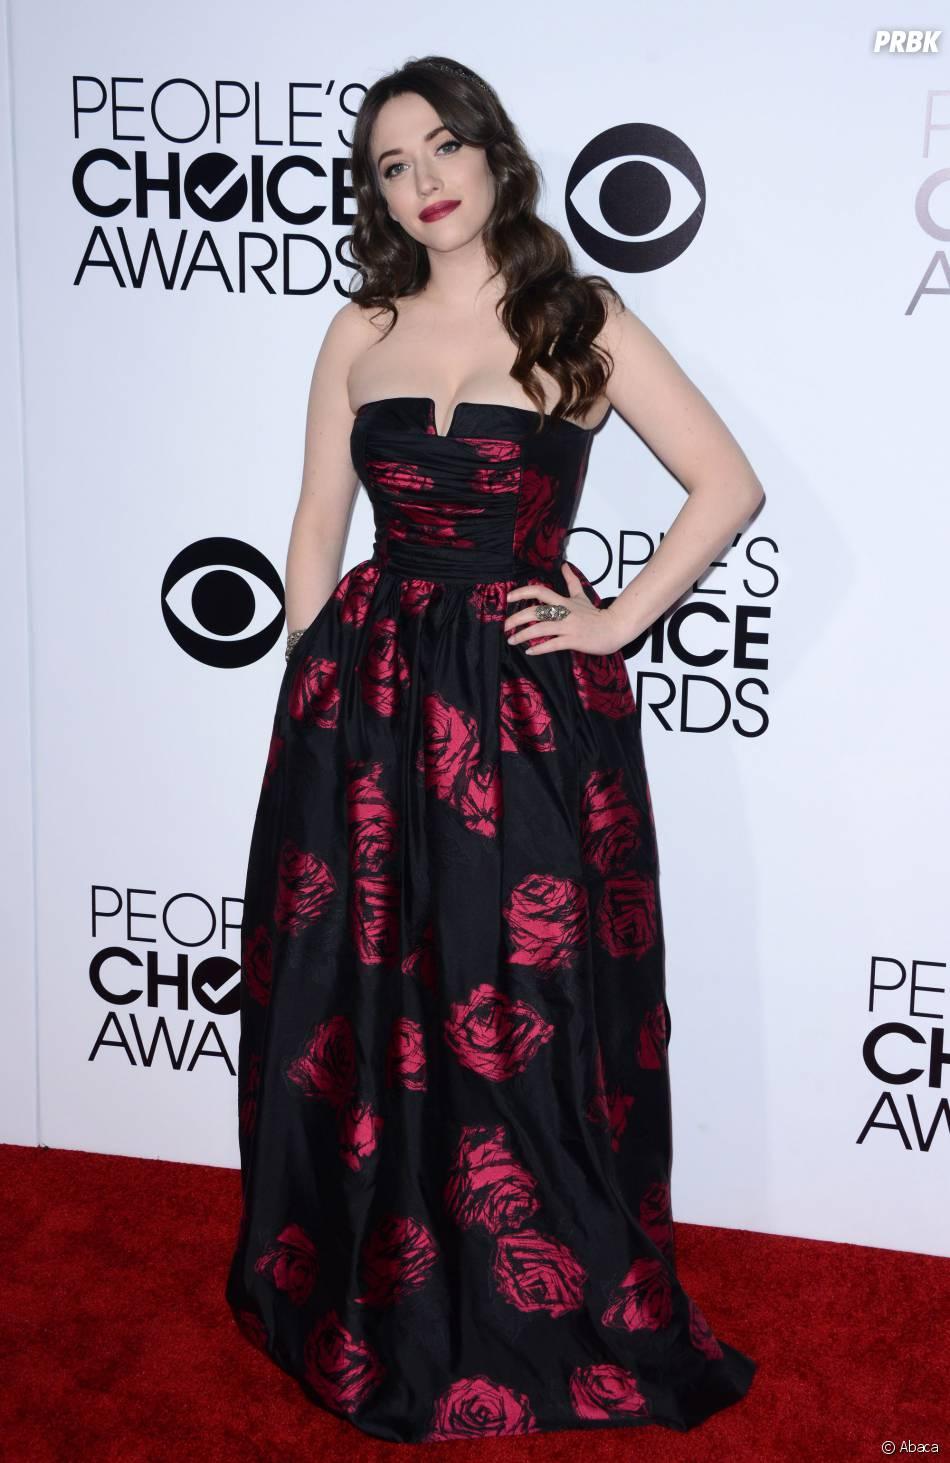 People's Choice Awards 2014 : Kat Dennings sur le tapis-rouge le 8 janvier 2014 à Los Angeles